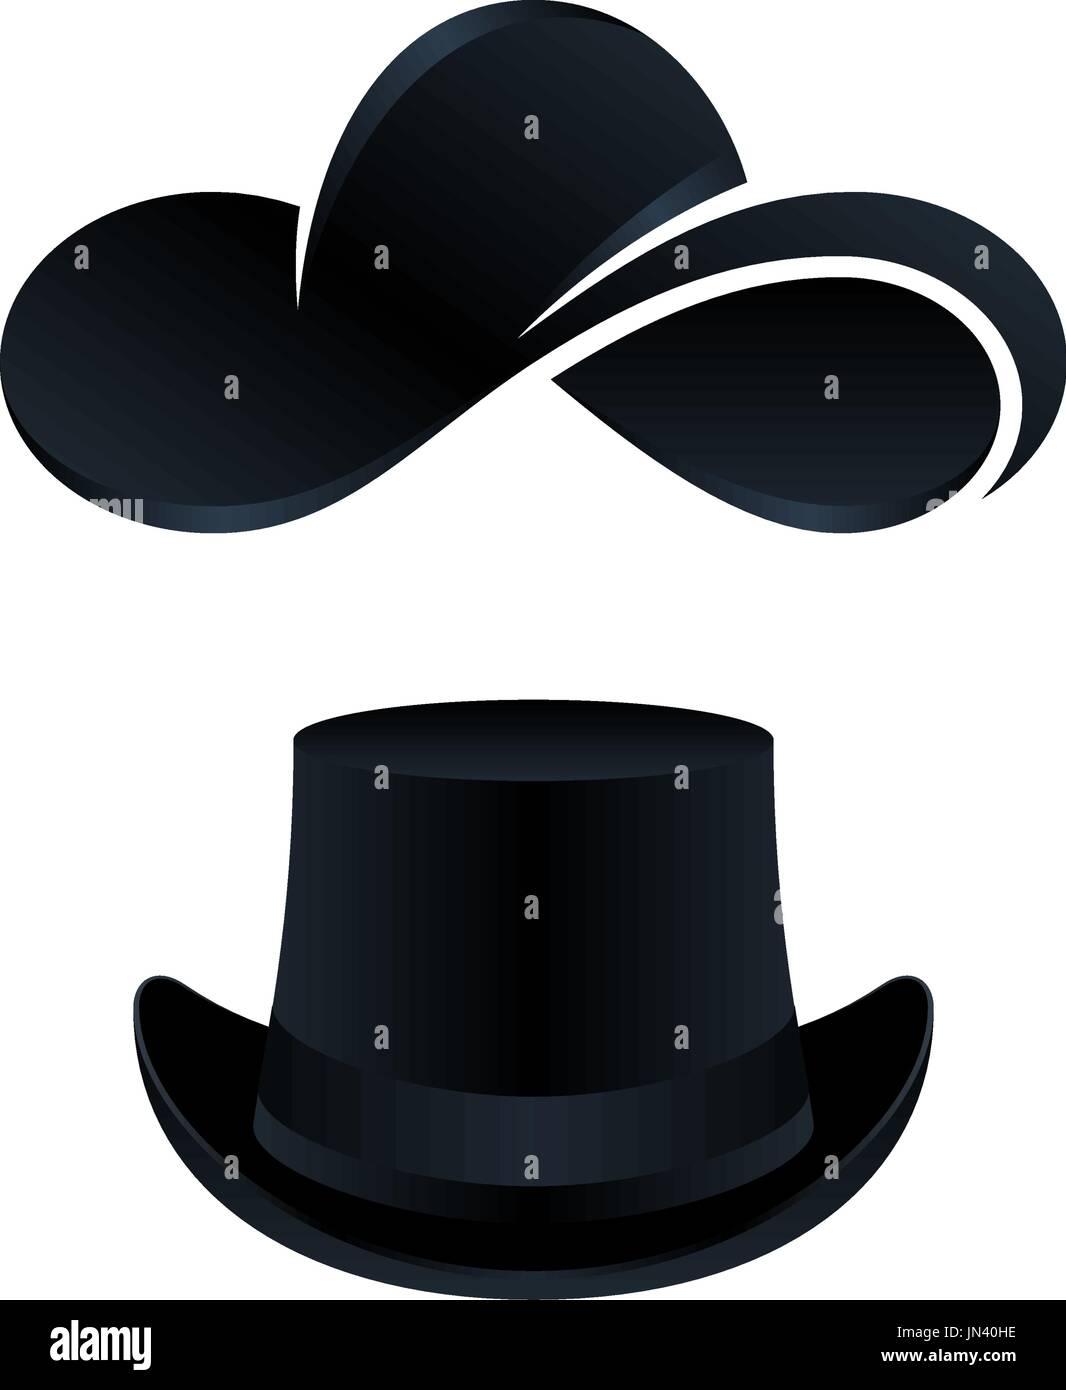 Diseño de iconos de sombrero negro para hombres y mujeres sobre un fondo  blanco. Ilustración vectorial iconos. 9560aceeb14